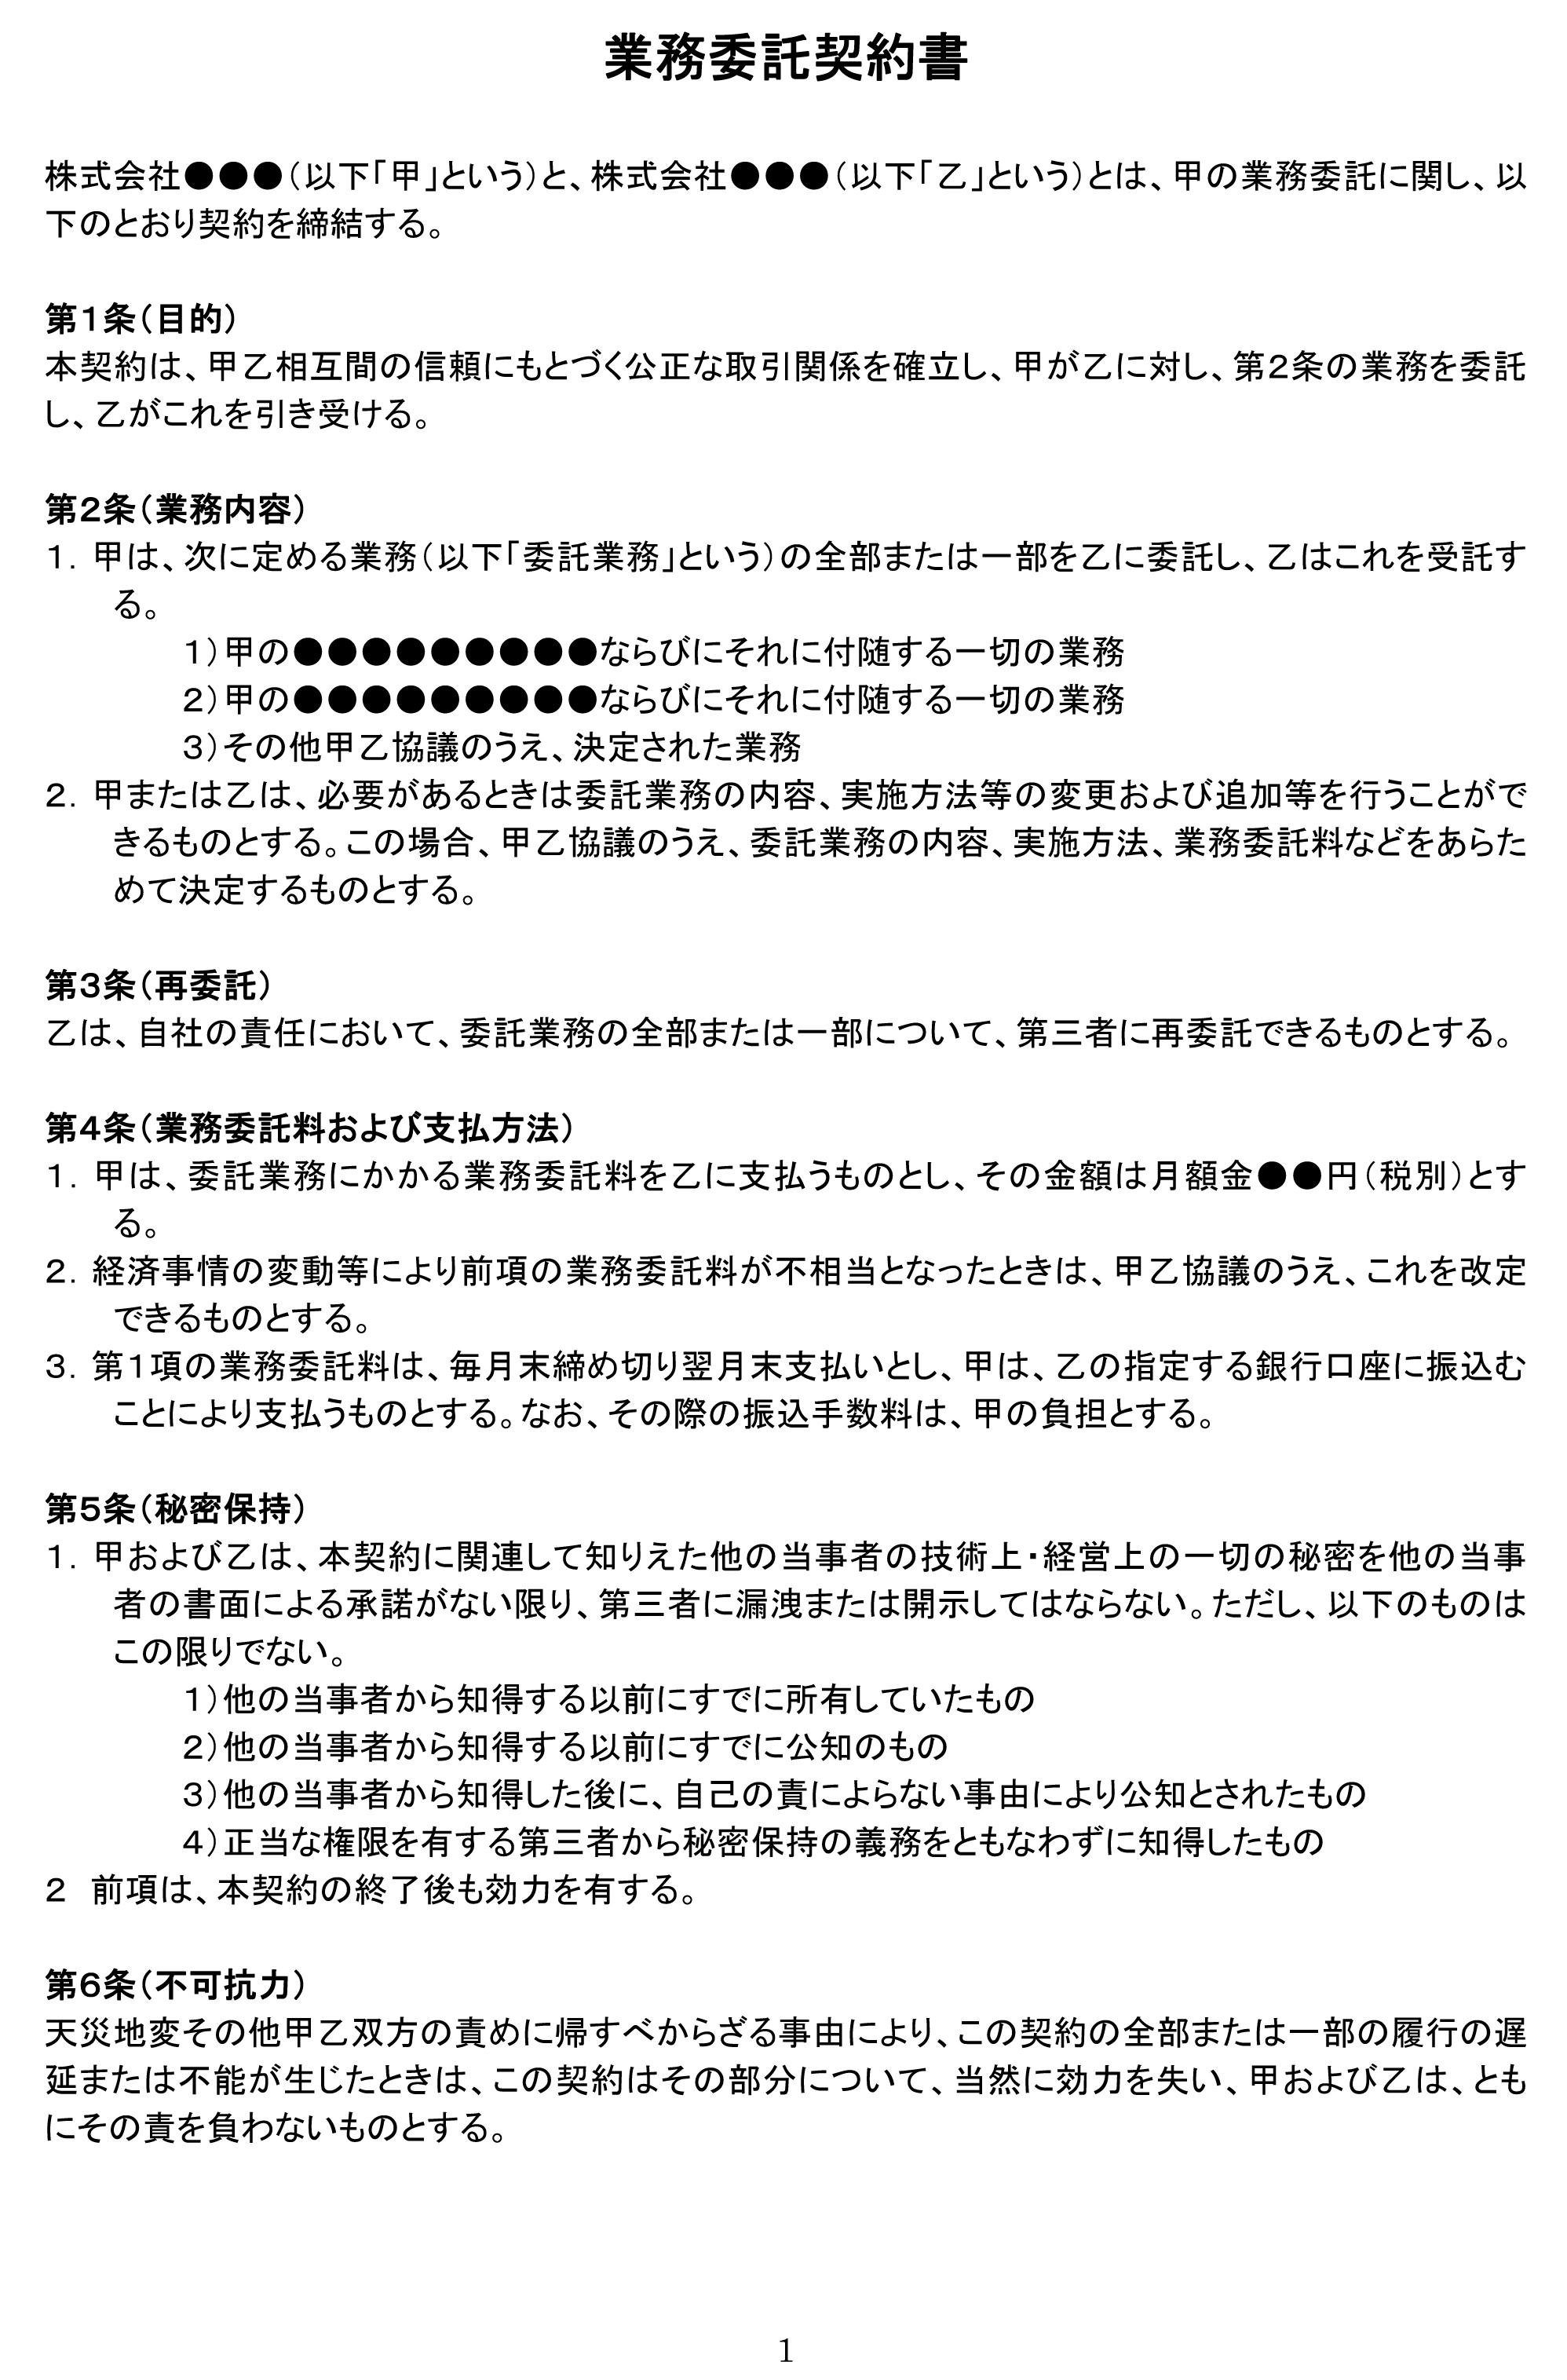 業務委託契約書のテンプレート書式2